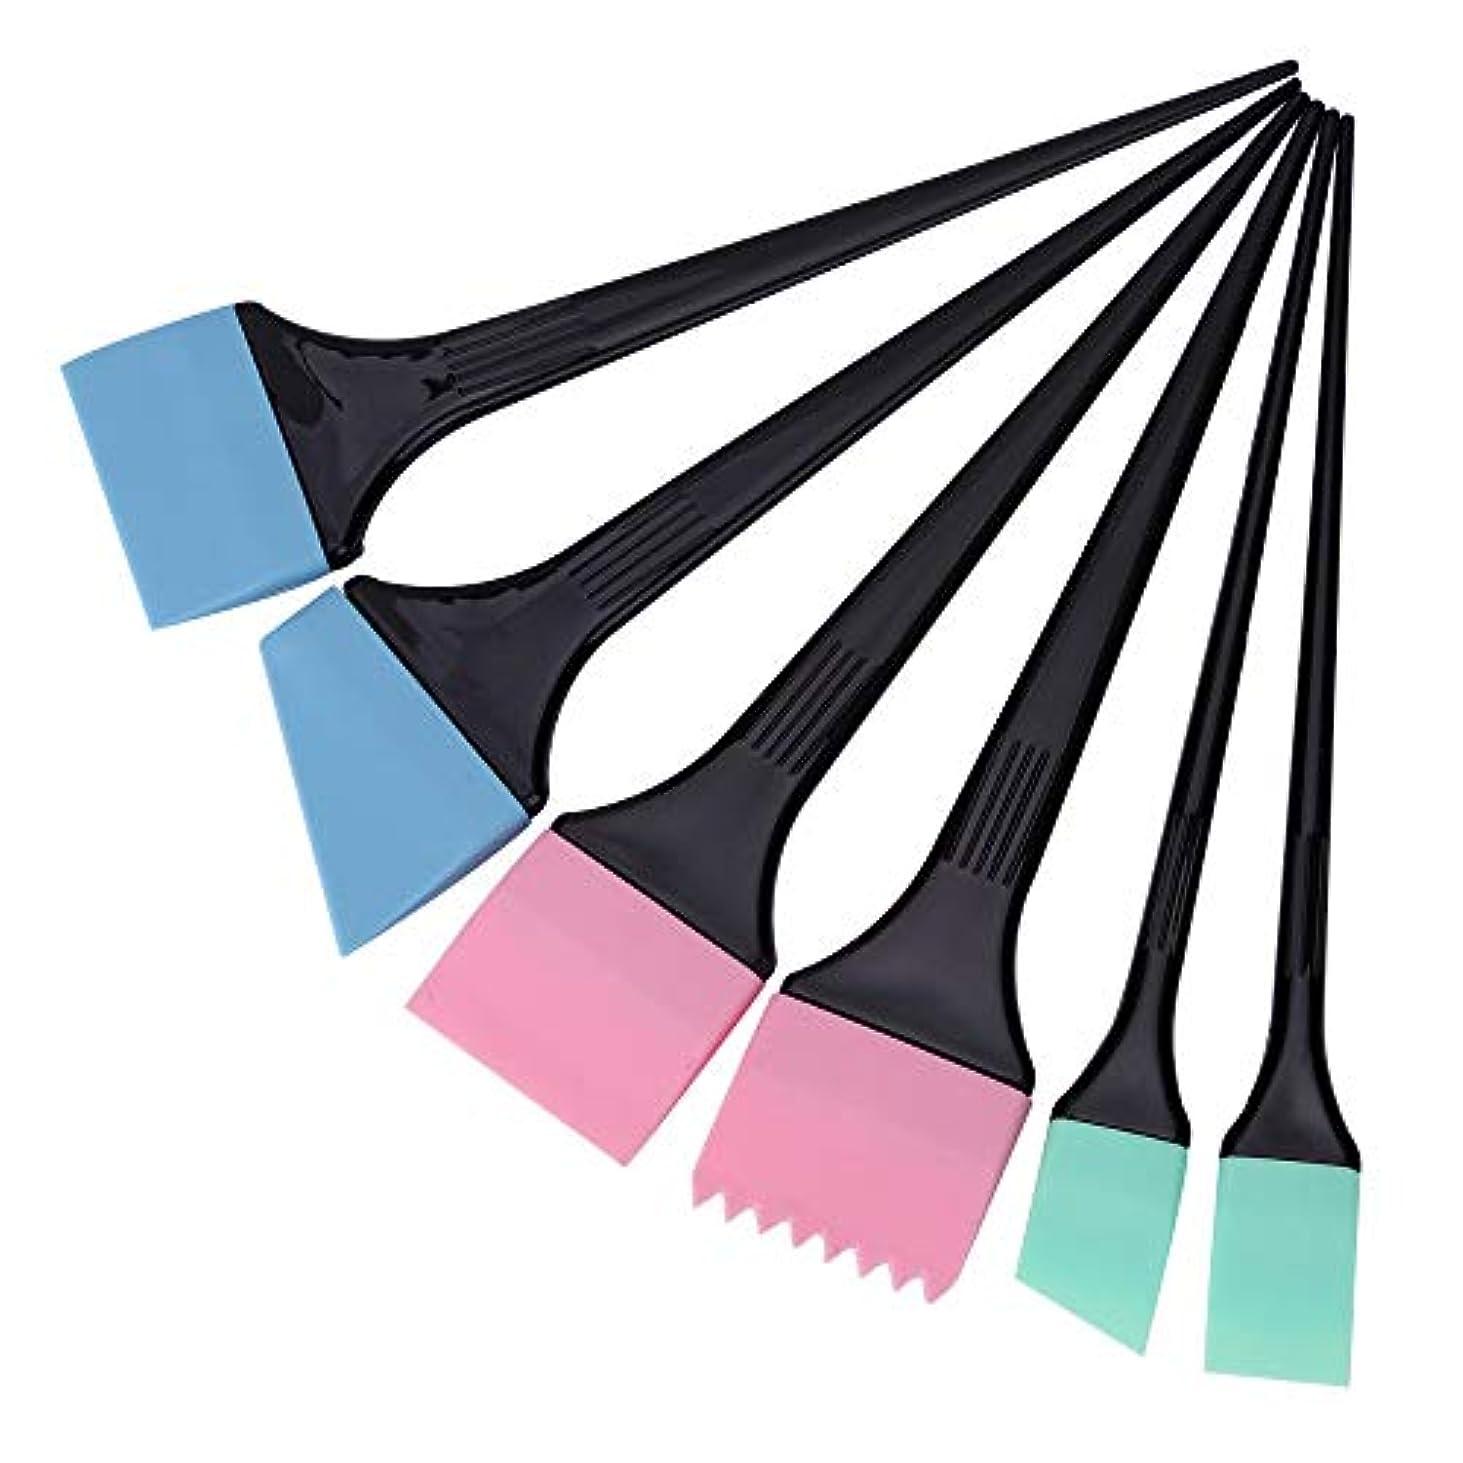 ダルセット放射する逃れるヘアダイコーム&ブラシ 毛染めブラシ 6本/セット 着色櫛キット プロサロン 理髪スタイリングツール へアカラーセット グリーン